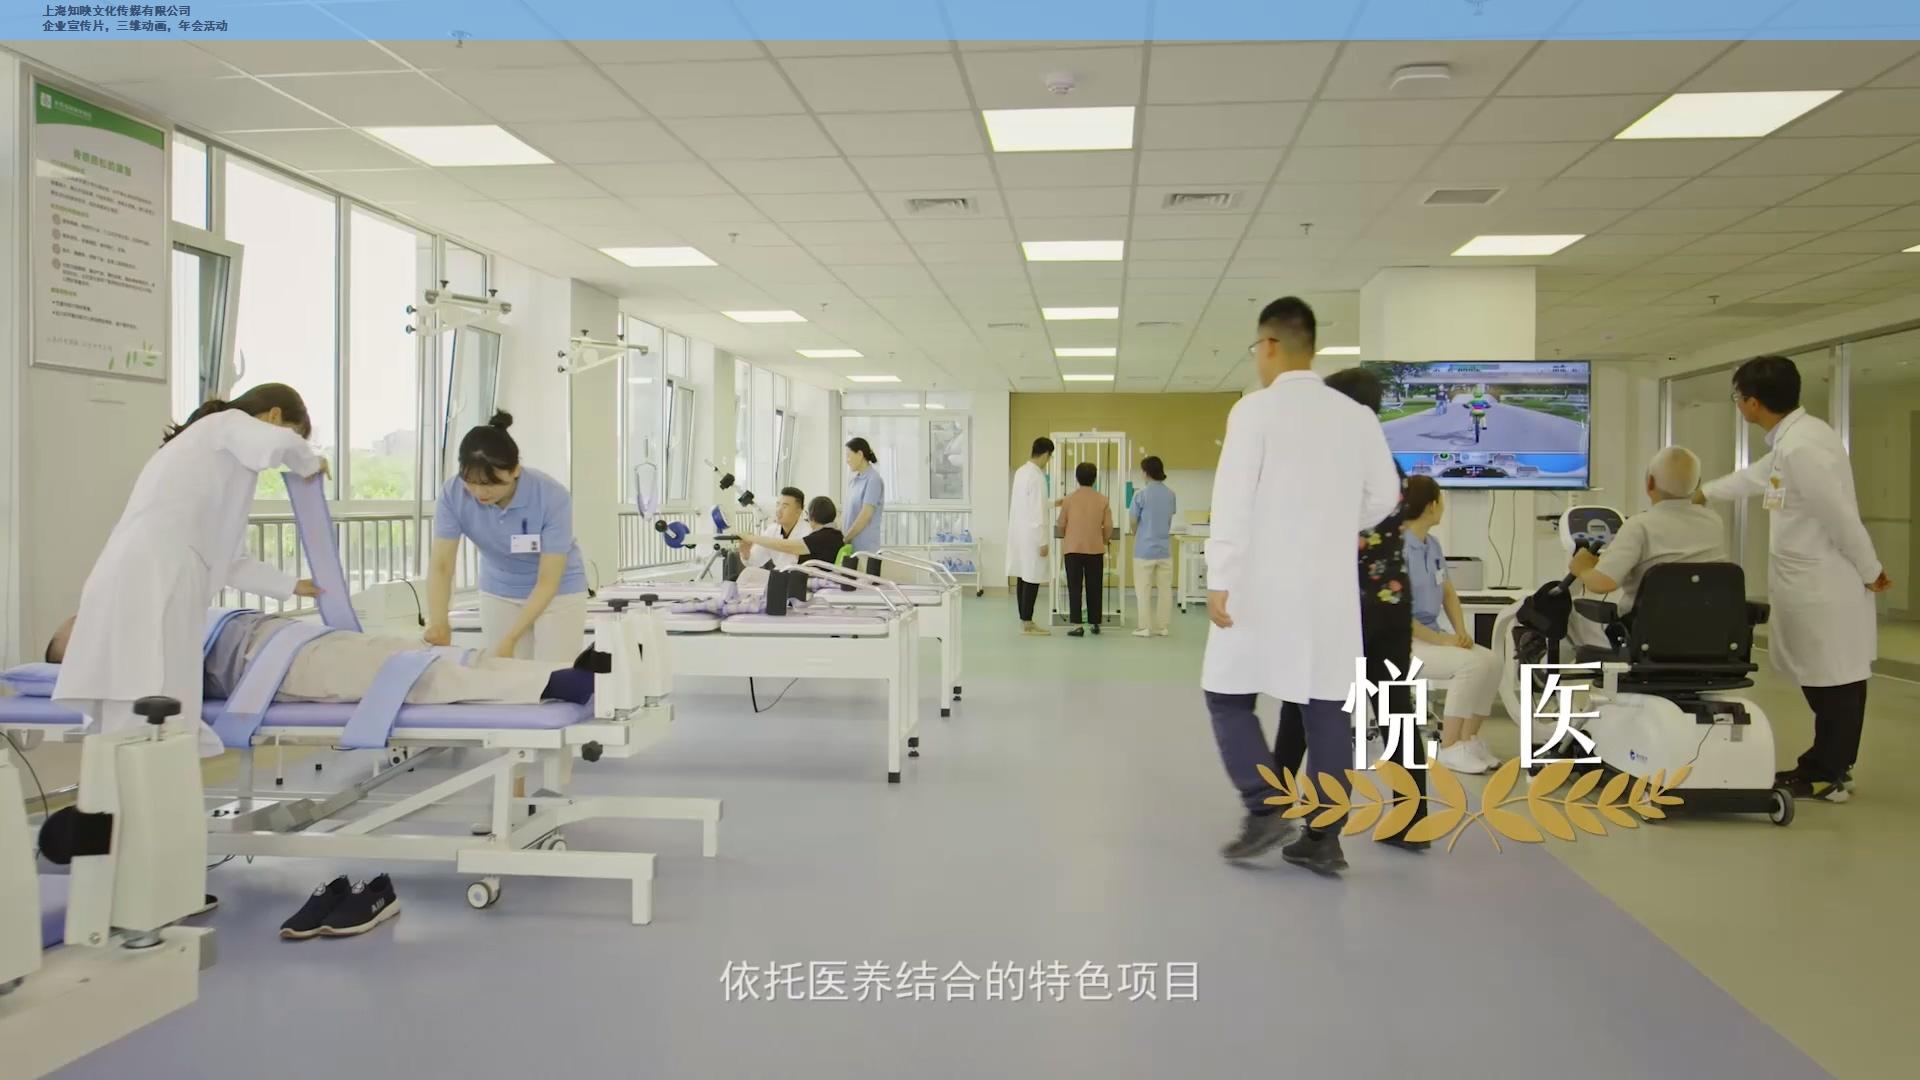 上海活动视频制作工作室 欢迎咨询 上海知映文化传媒供应